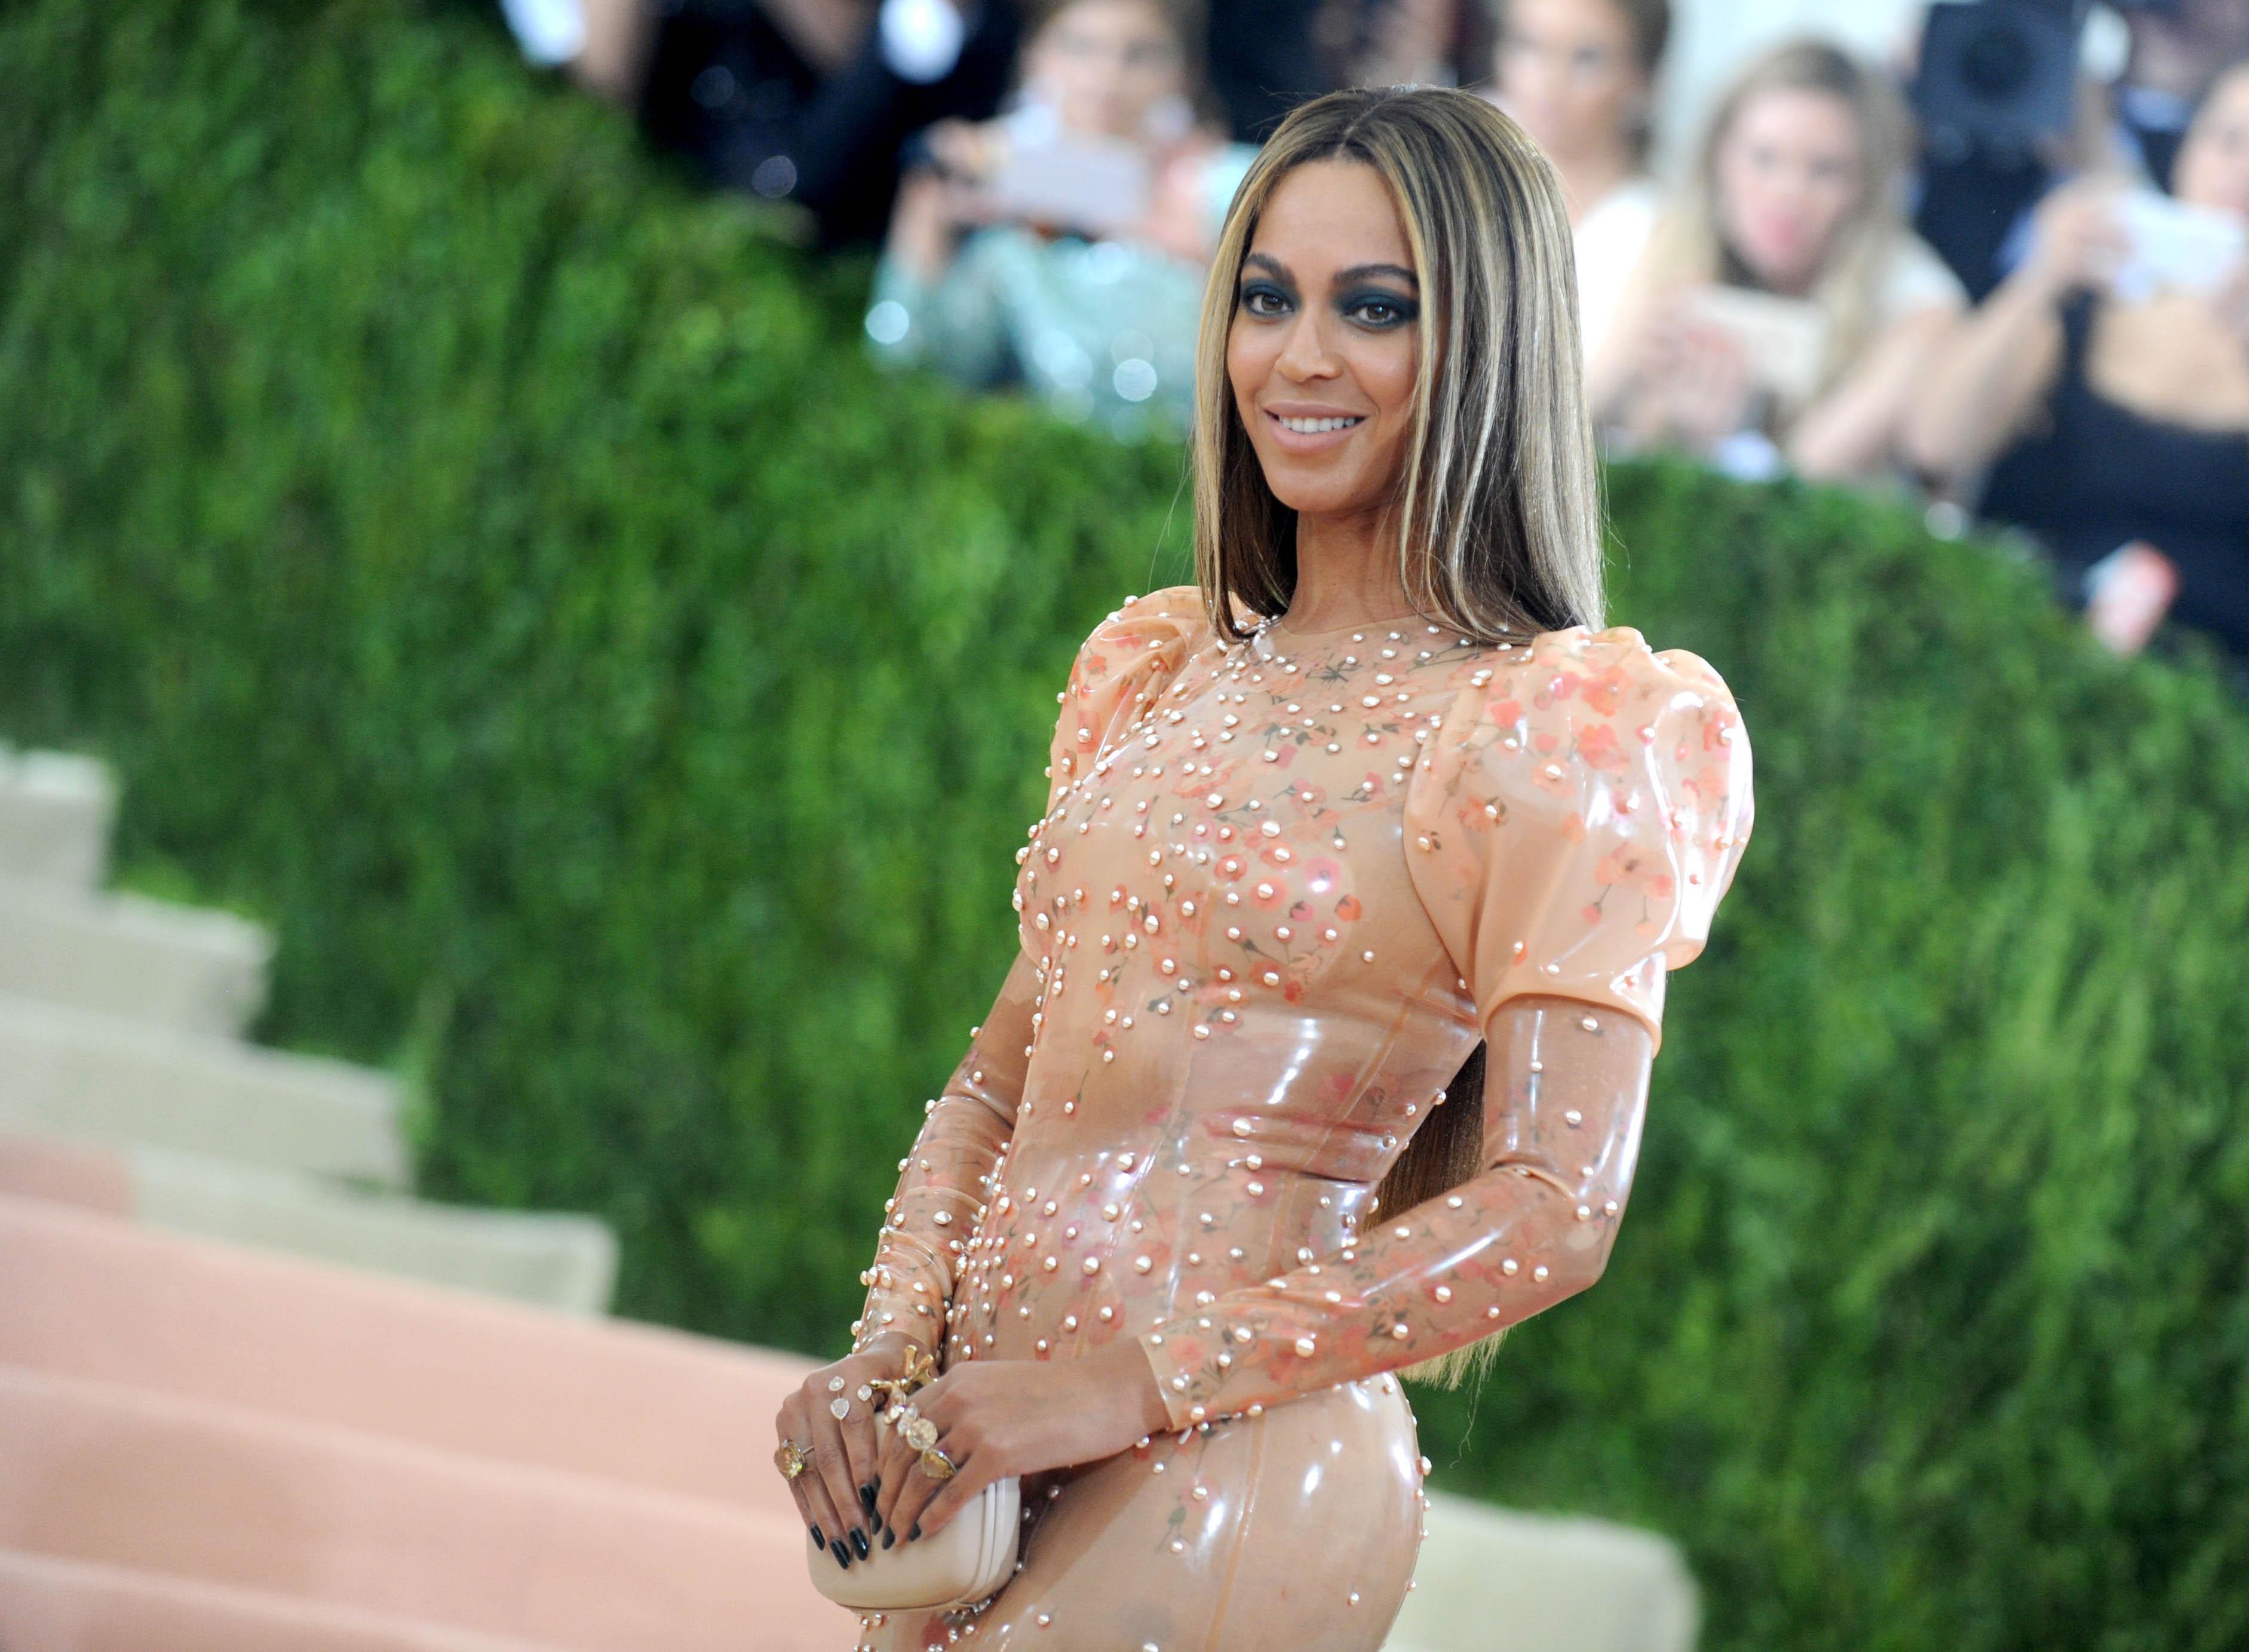 Beyoncé en un brillante traje de fiesta de látex de color melocotón (© AP Images)